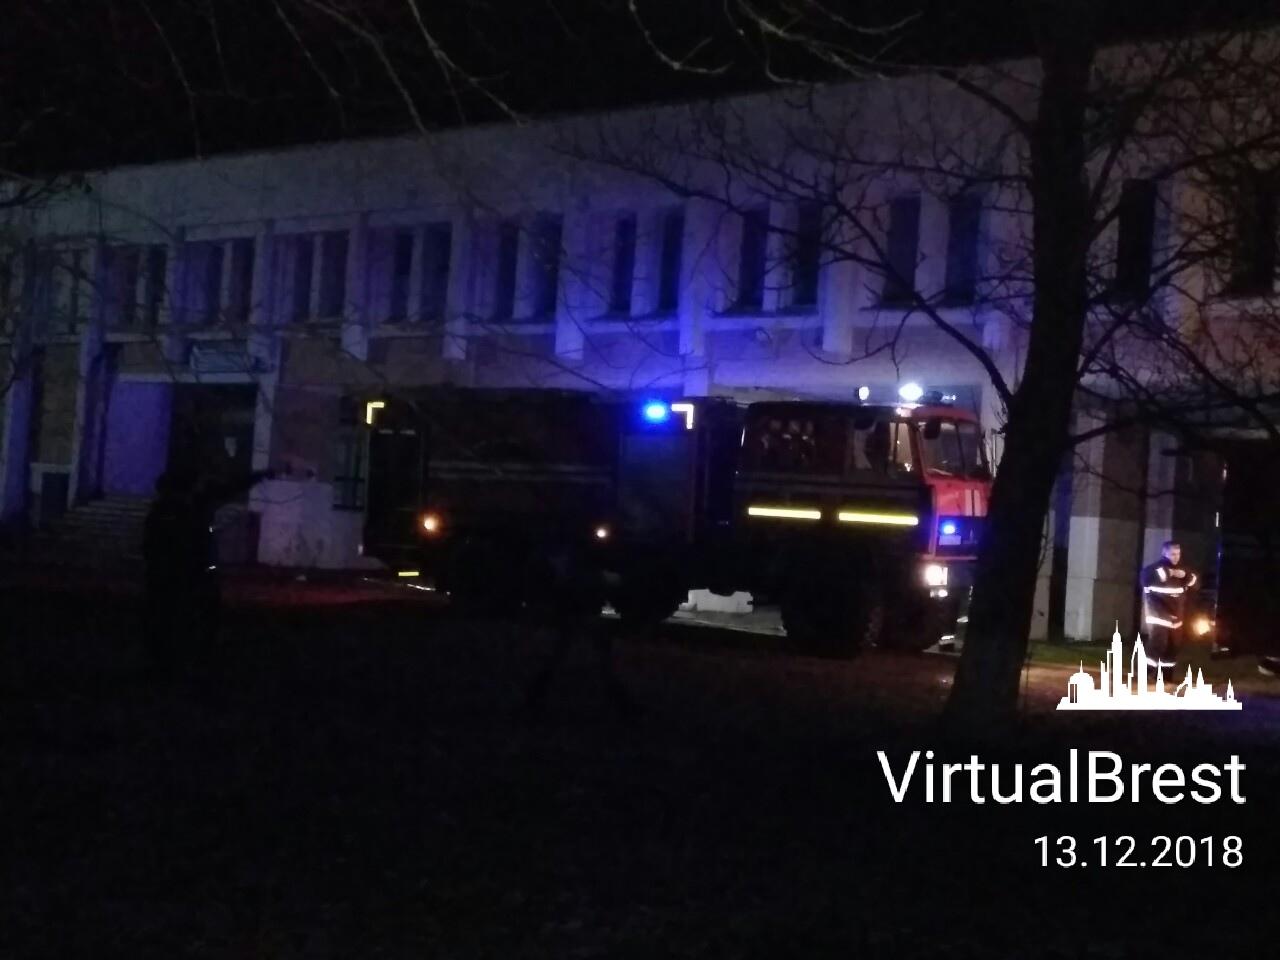 В Брестском районе произошел пожар в подвале Дома культуры д. Черни